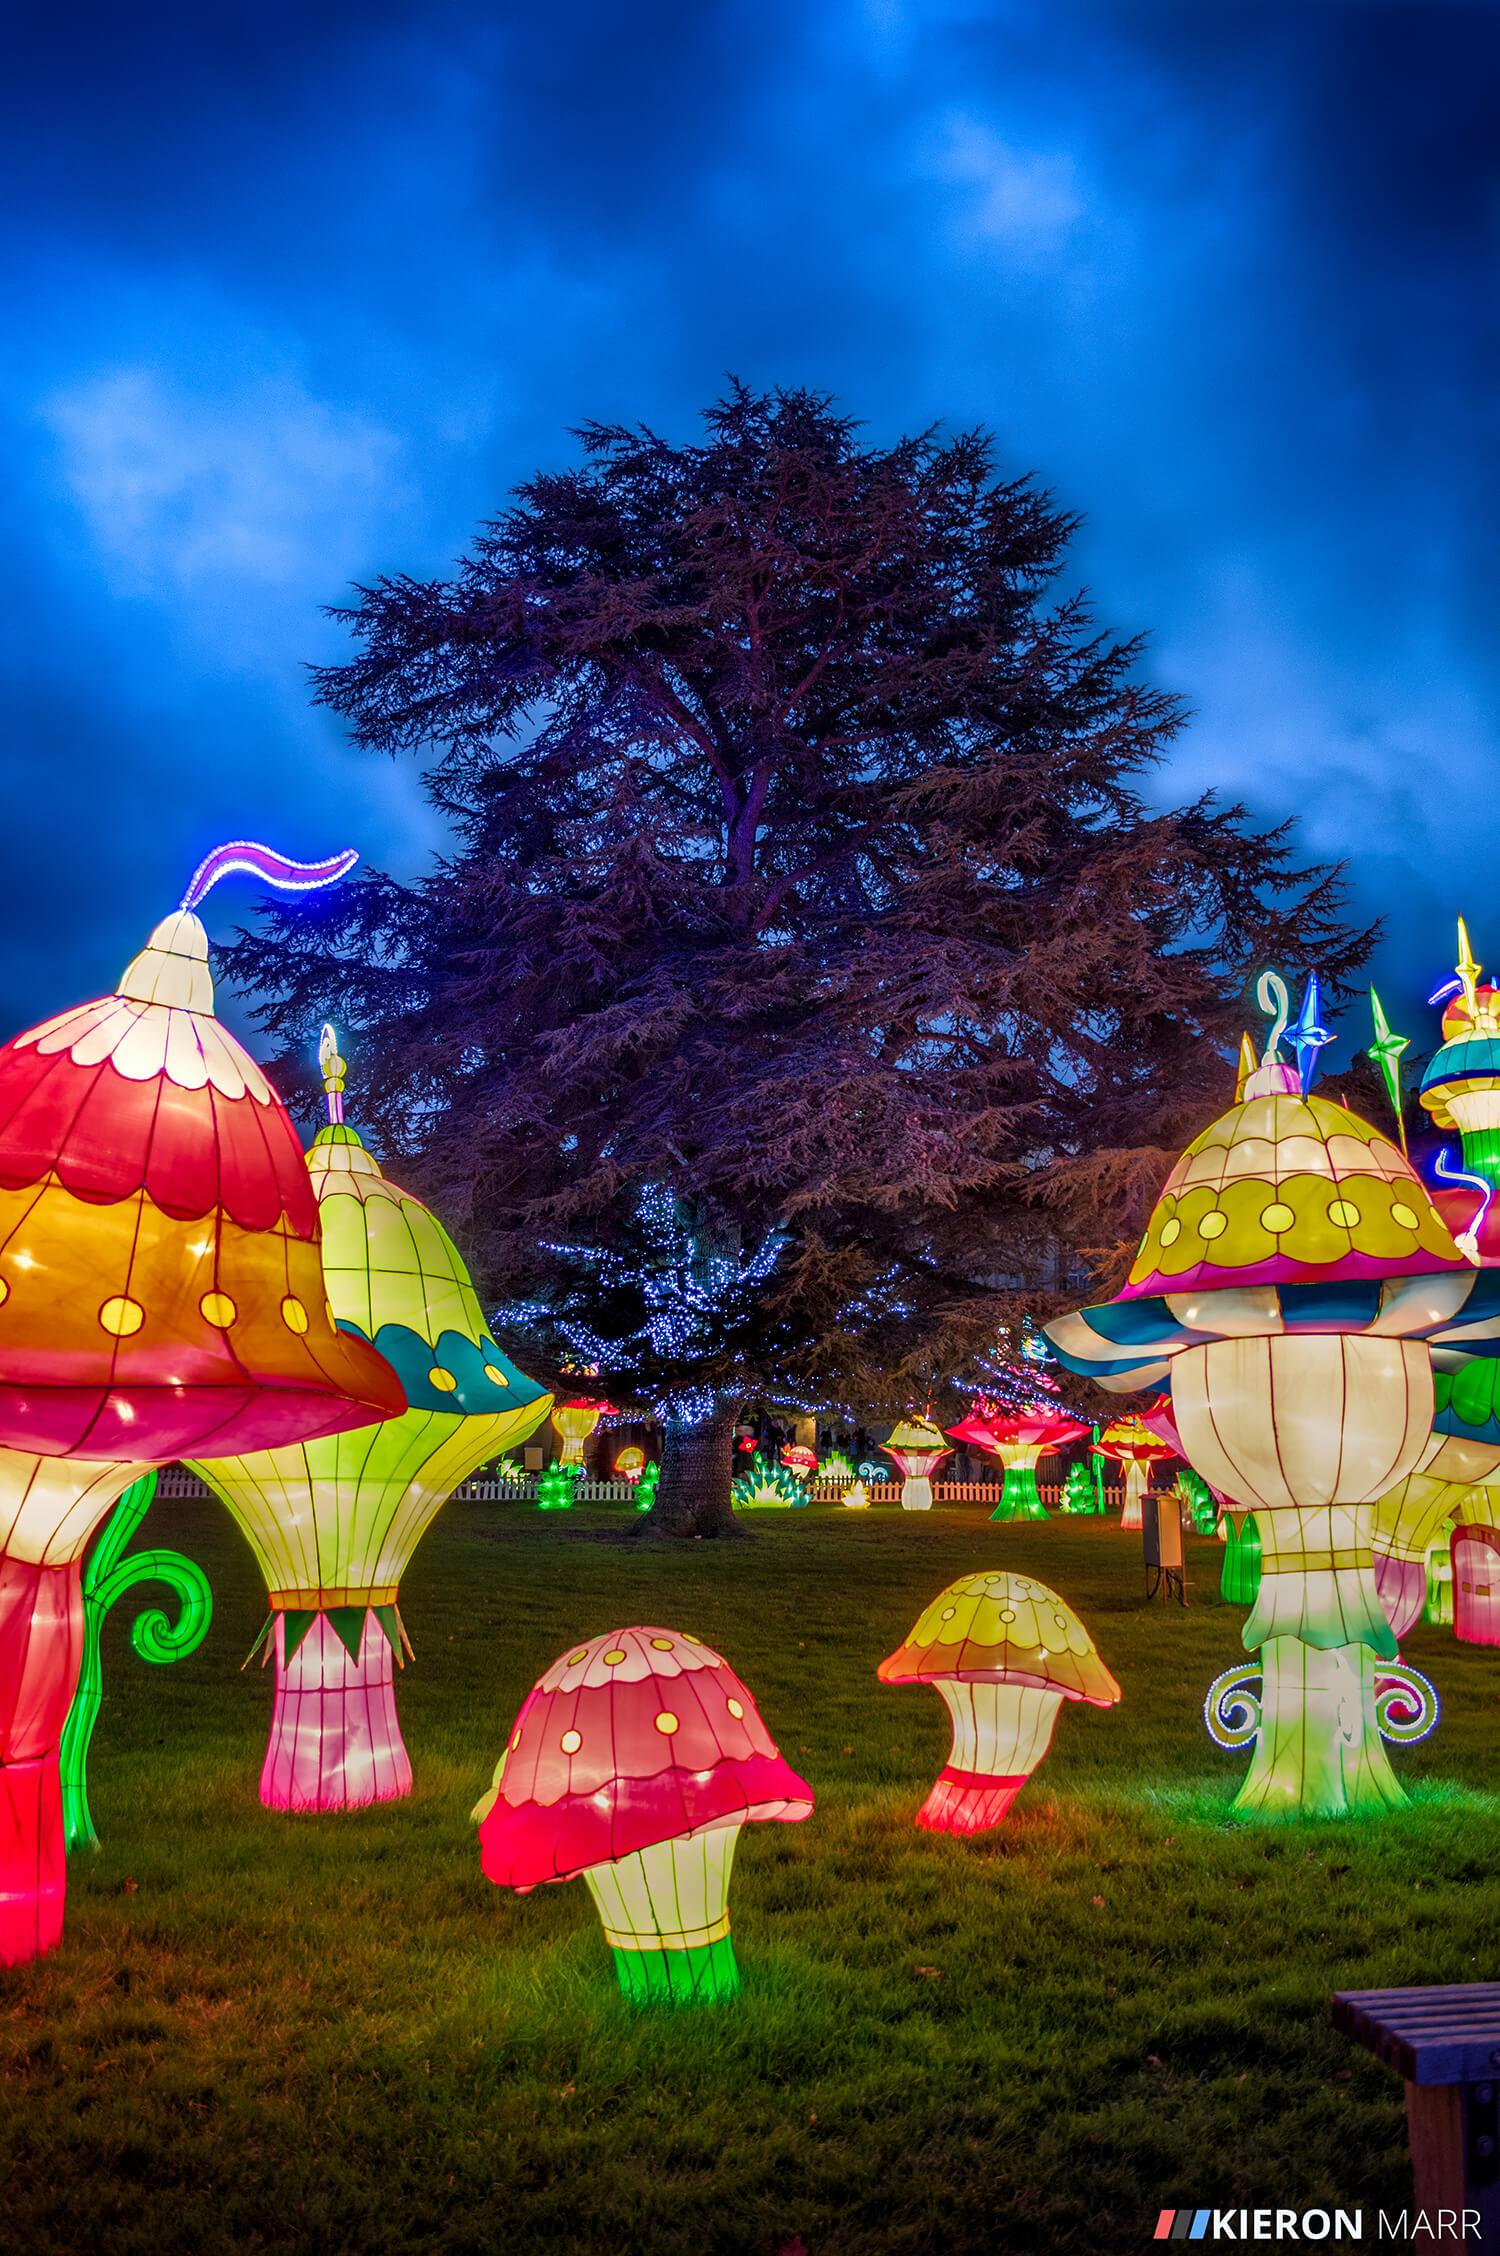 Longleat Festival of Light 2014 - Colourful Mushroom Garden